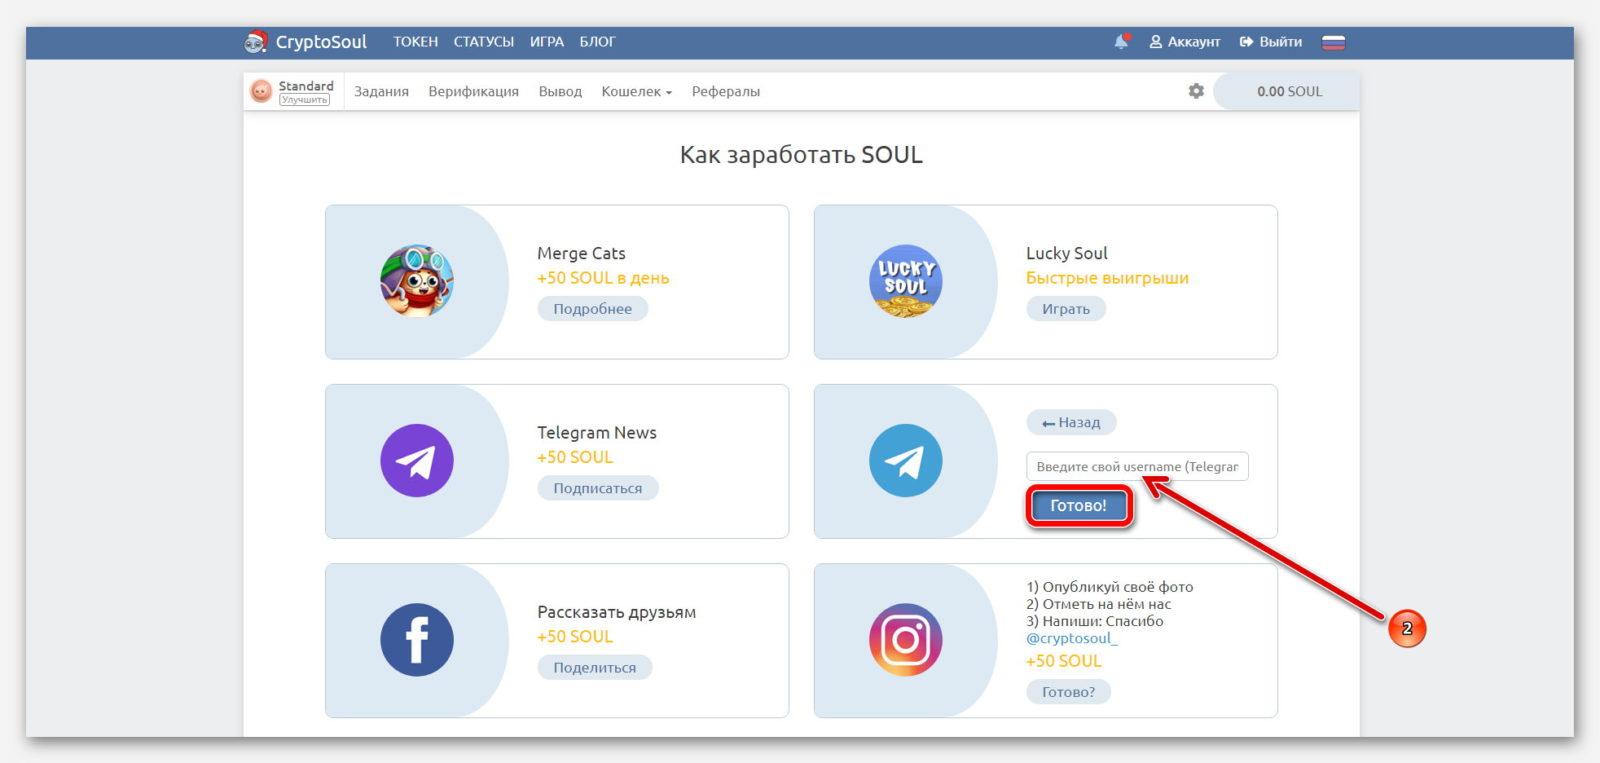 Поле, для ввода имени пользователя, от Telegram канала, на сайте CryptoSoul